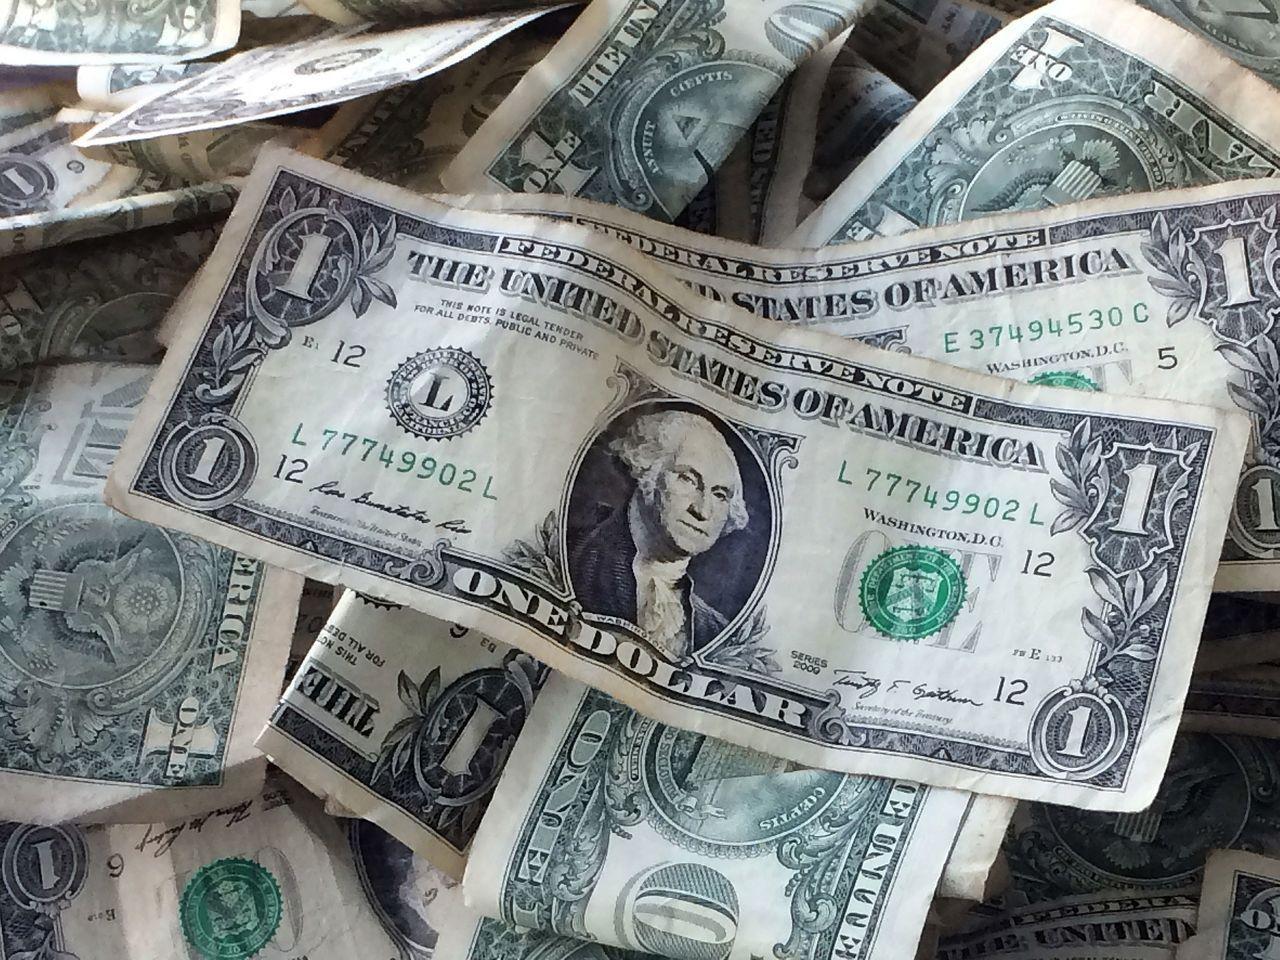 如果要65歲退休,那麼該怎樣準備退休所需的費用? 路透社